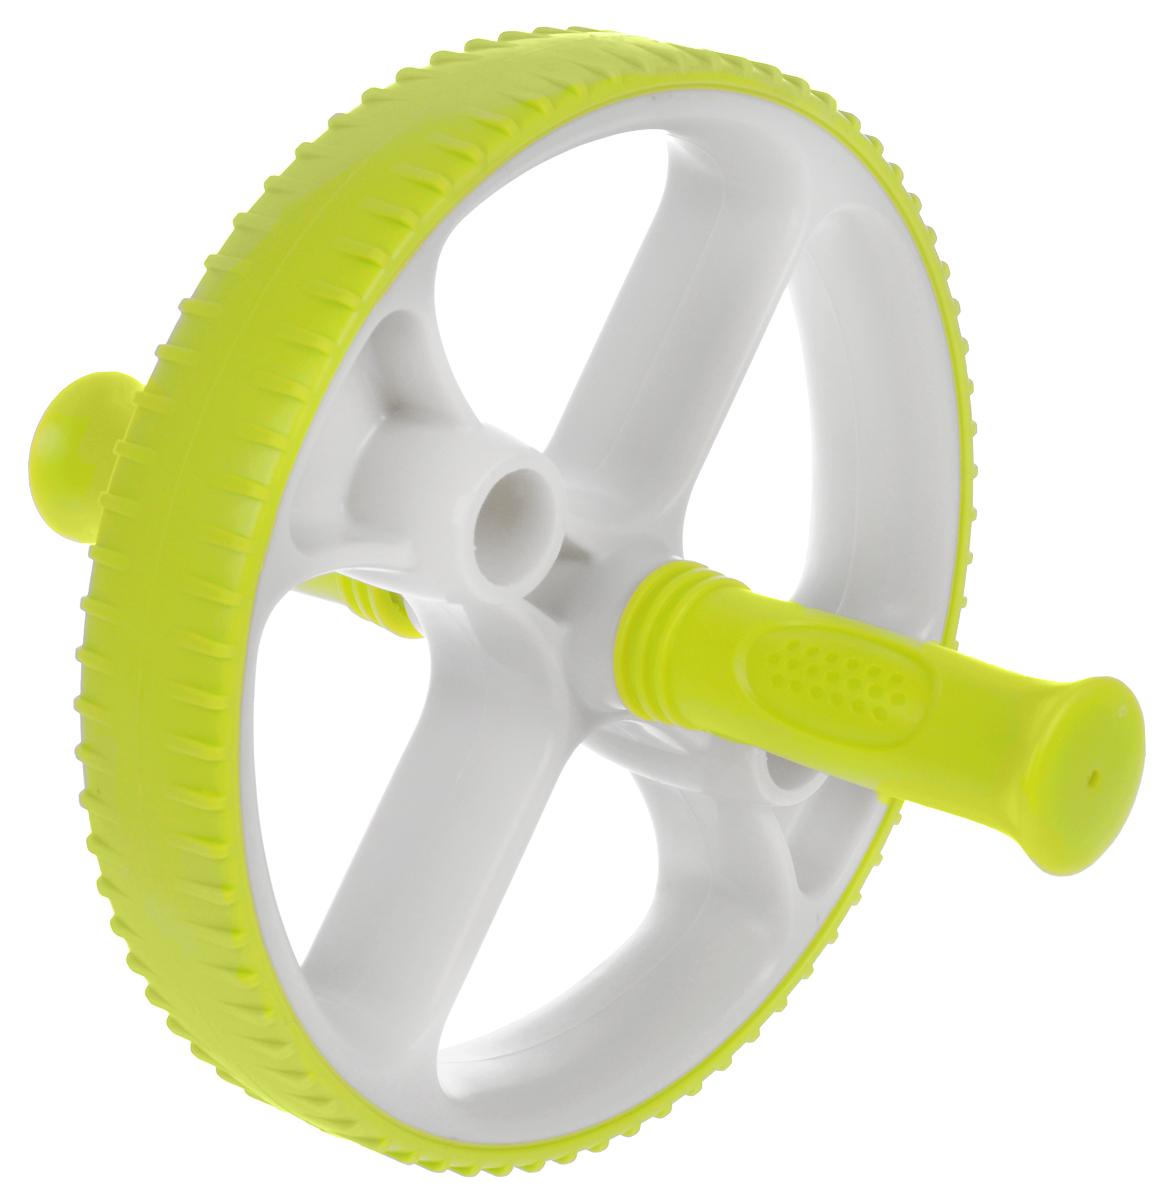 Ролик для пресса Ecowellness, со сменными ручками, цвет: зеленый, диаметр 22,5 см. QB-704G3-BQB-704G3-BЭтот прочный ролик для пресса изготовлен из термопластичной резины и идеально подходит для тренировки мышц нижней части живота, при этом так же тренируются мышцы пресса, спины, рук и плеч.Сменные рукоятки позволяют делать как простые, так и более сложные упражнения.Ролик имеет увеличенный диаметр - 22,5 см.